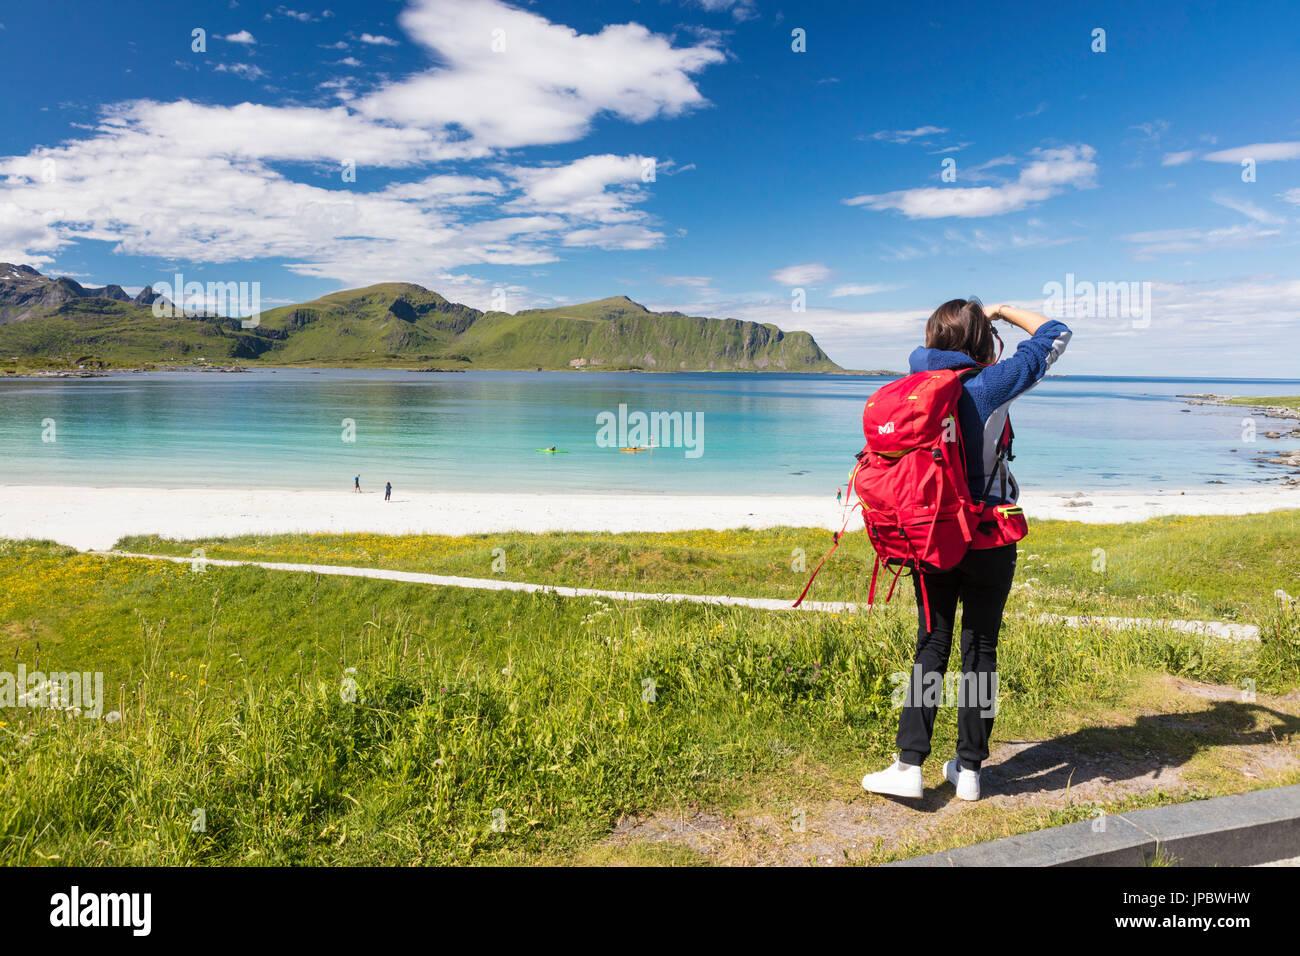 Photographe en action dans les verts pâturages entourés par une mer turquoise et sable fin Ramberg Lofoten, Norvège Europe Photo Stock